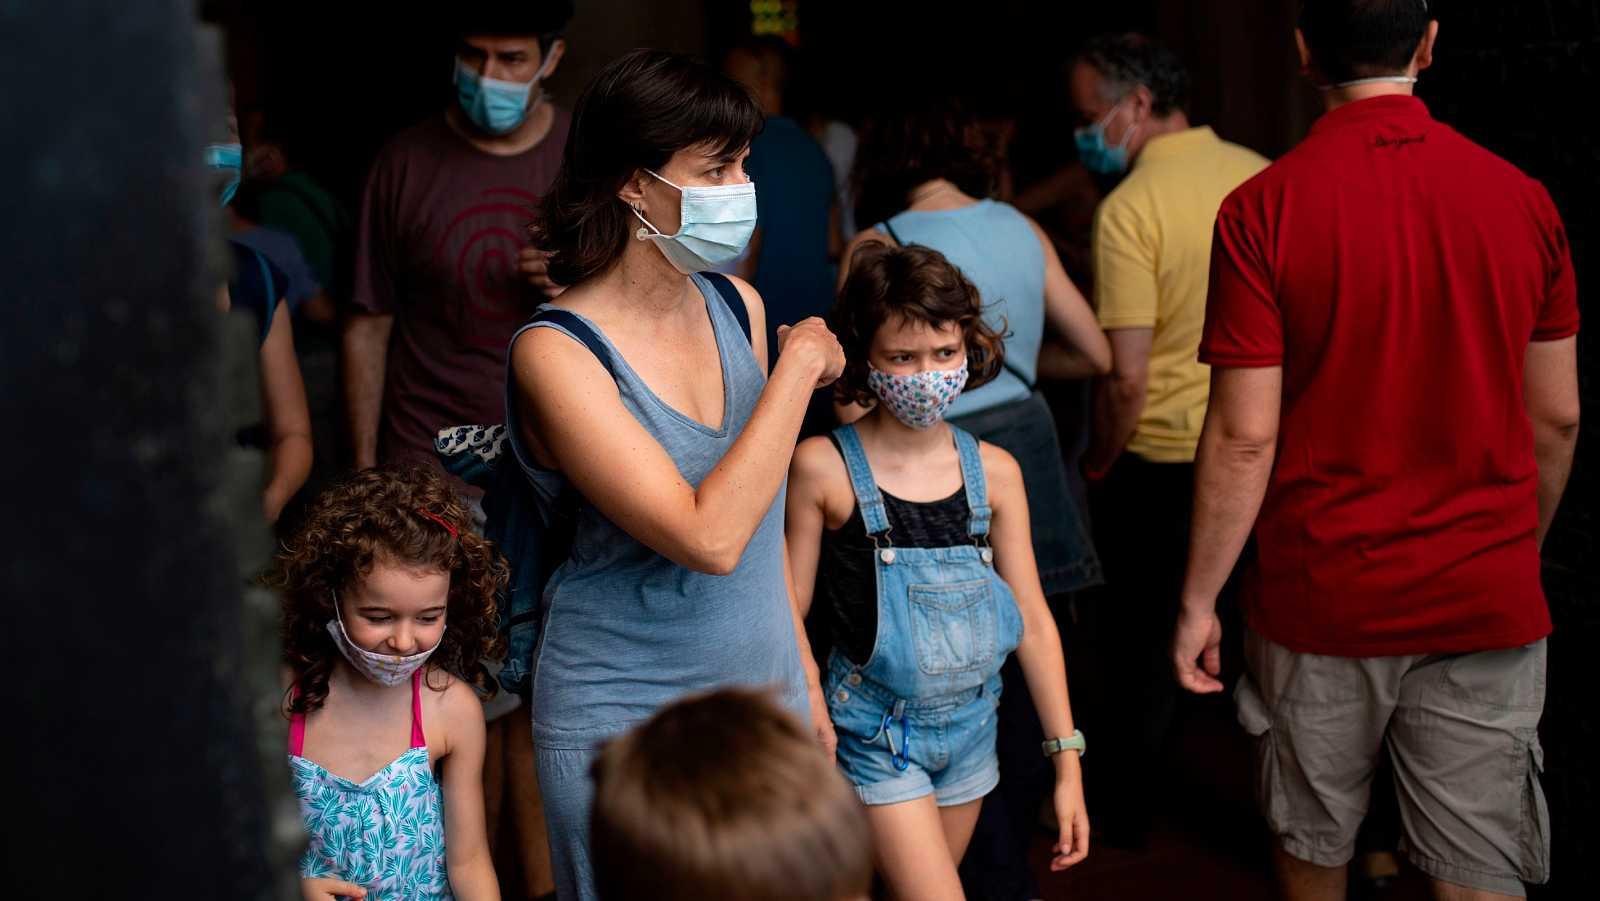 La mascarilla será obligatoria en Cataluña para contener los brotes de coronavirus en la comunidad